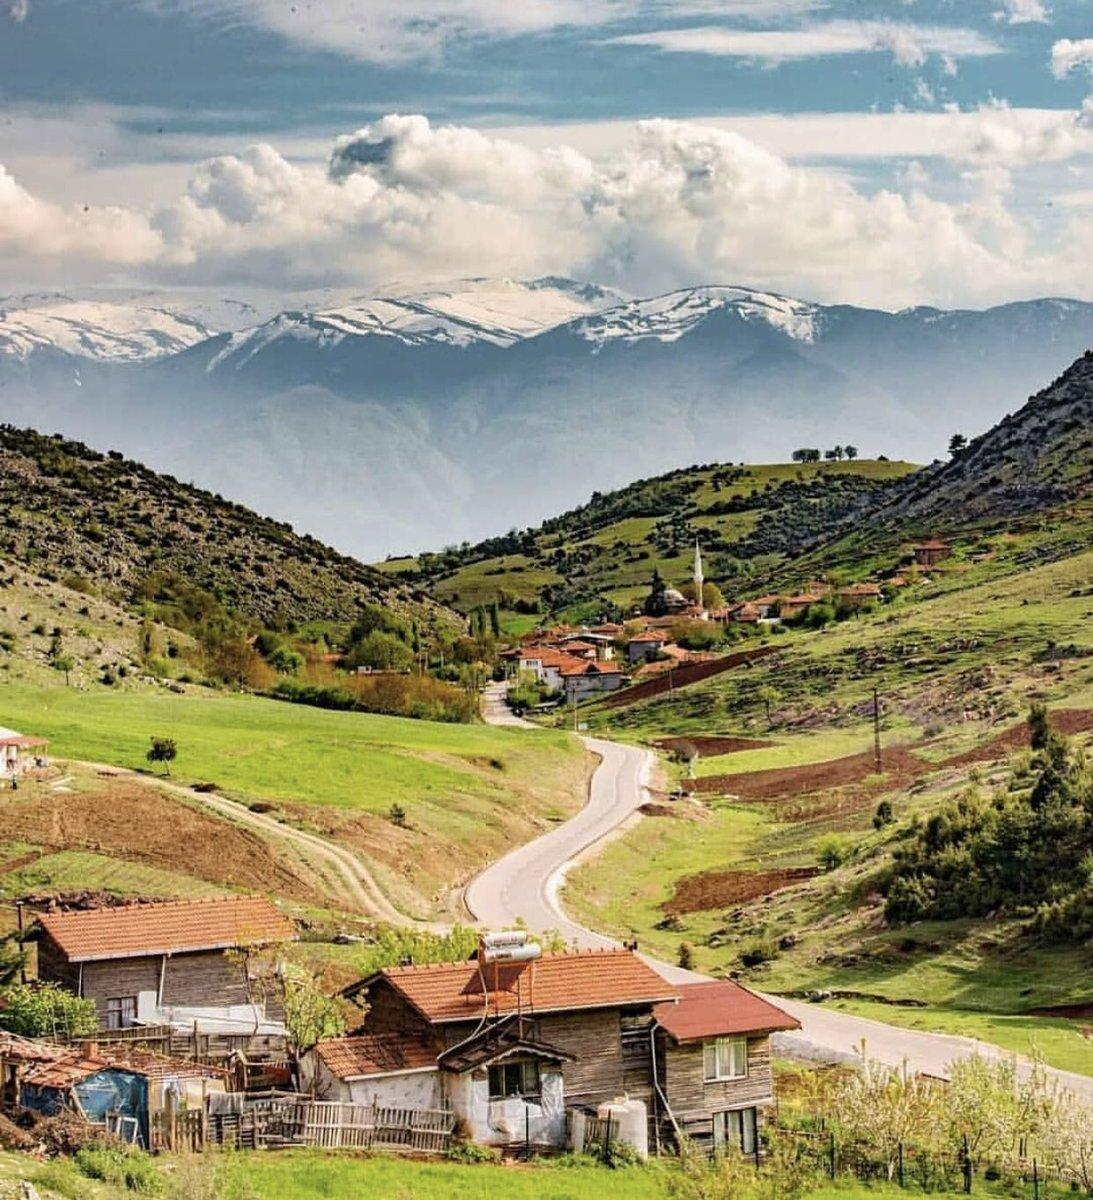 Uçun kuşlar uçun, doğduğum yere. Şimdi dağlarında mor sümbül vardır. #AhmetKaya